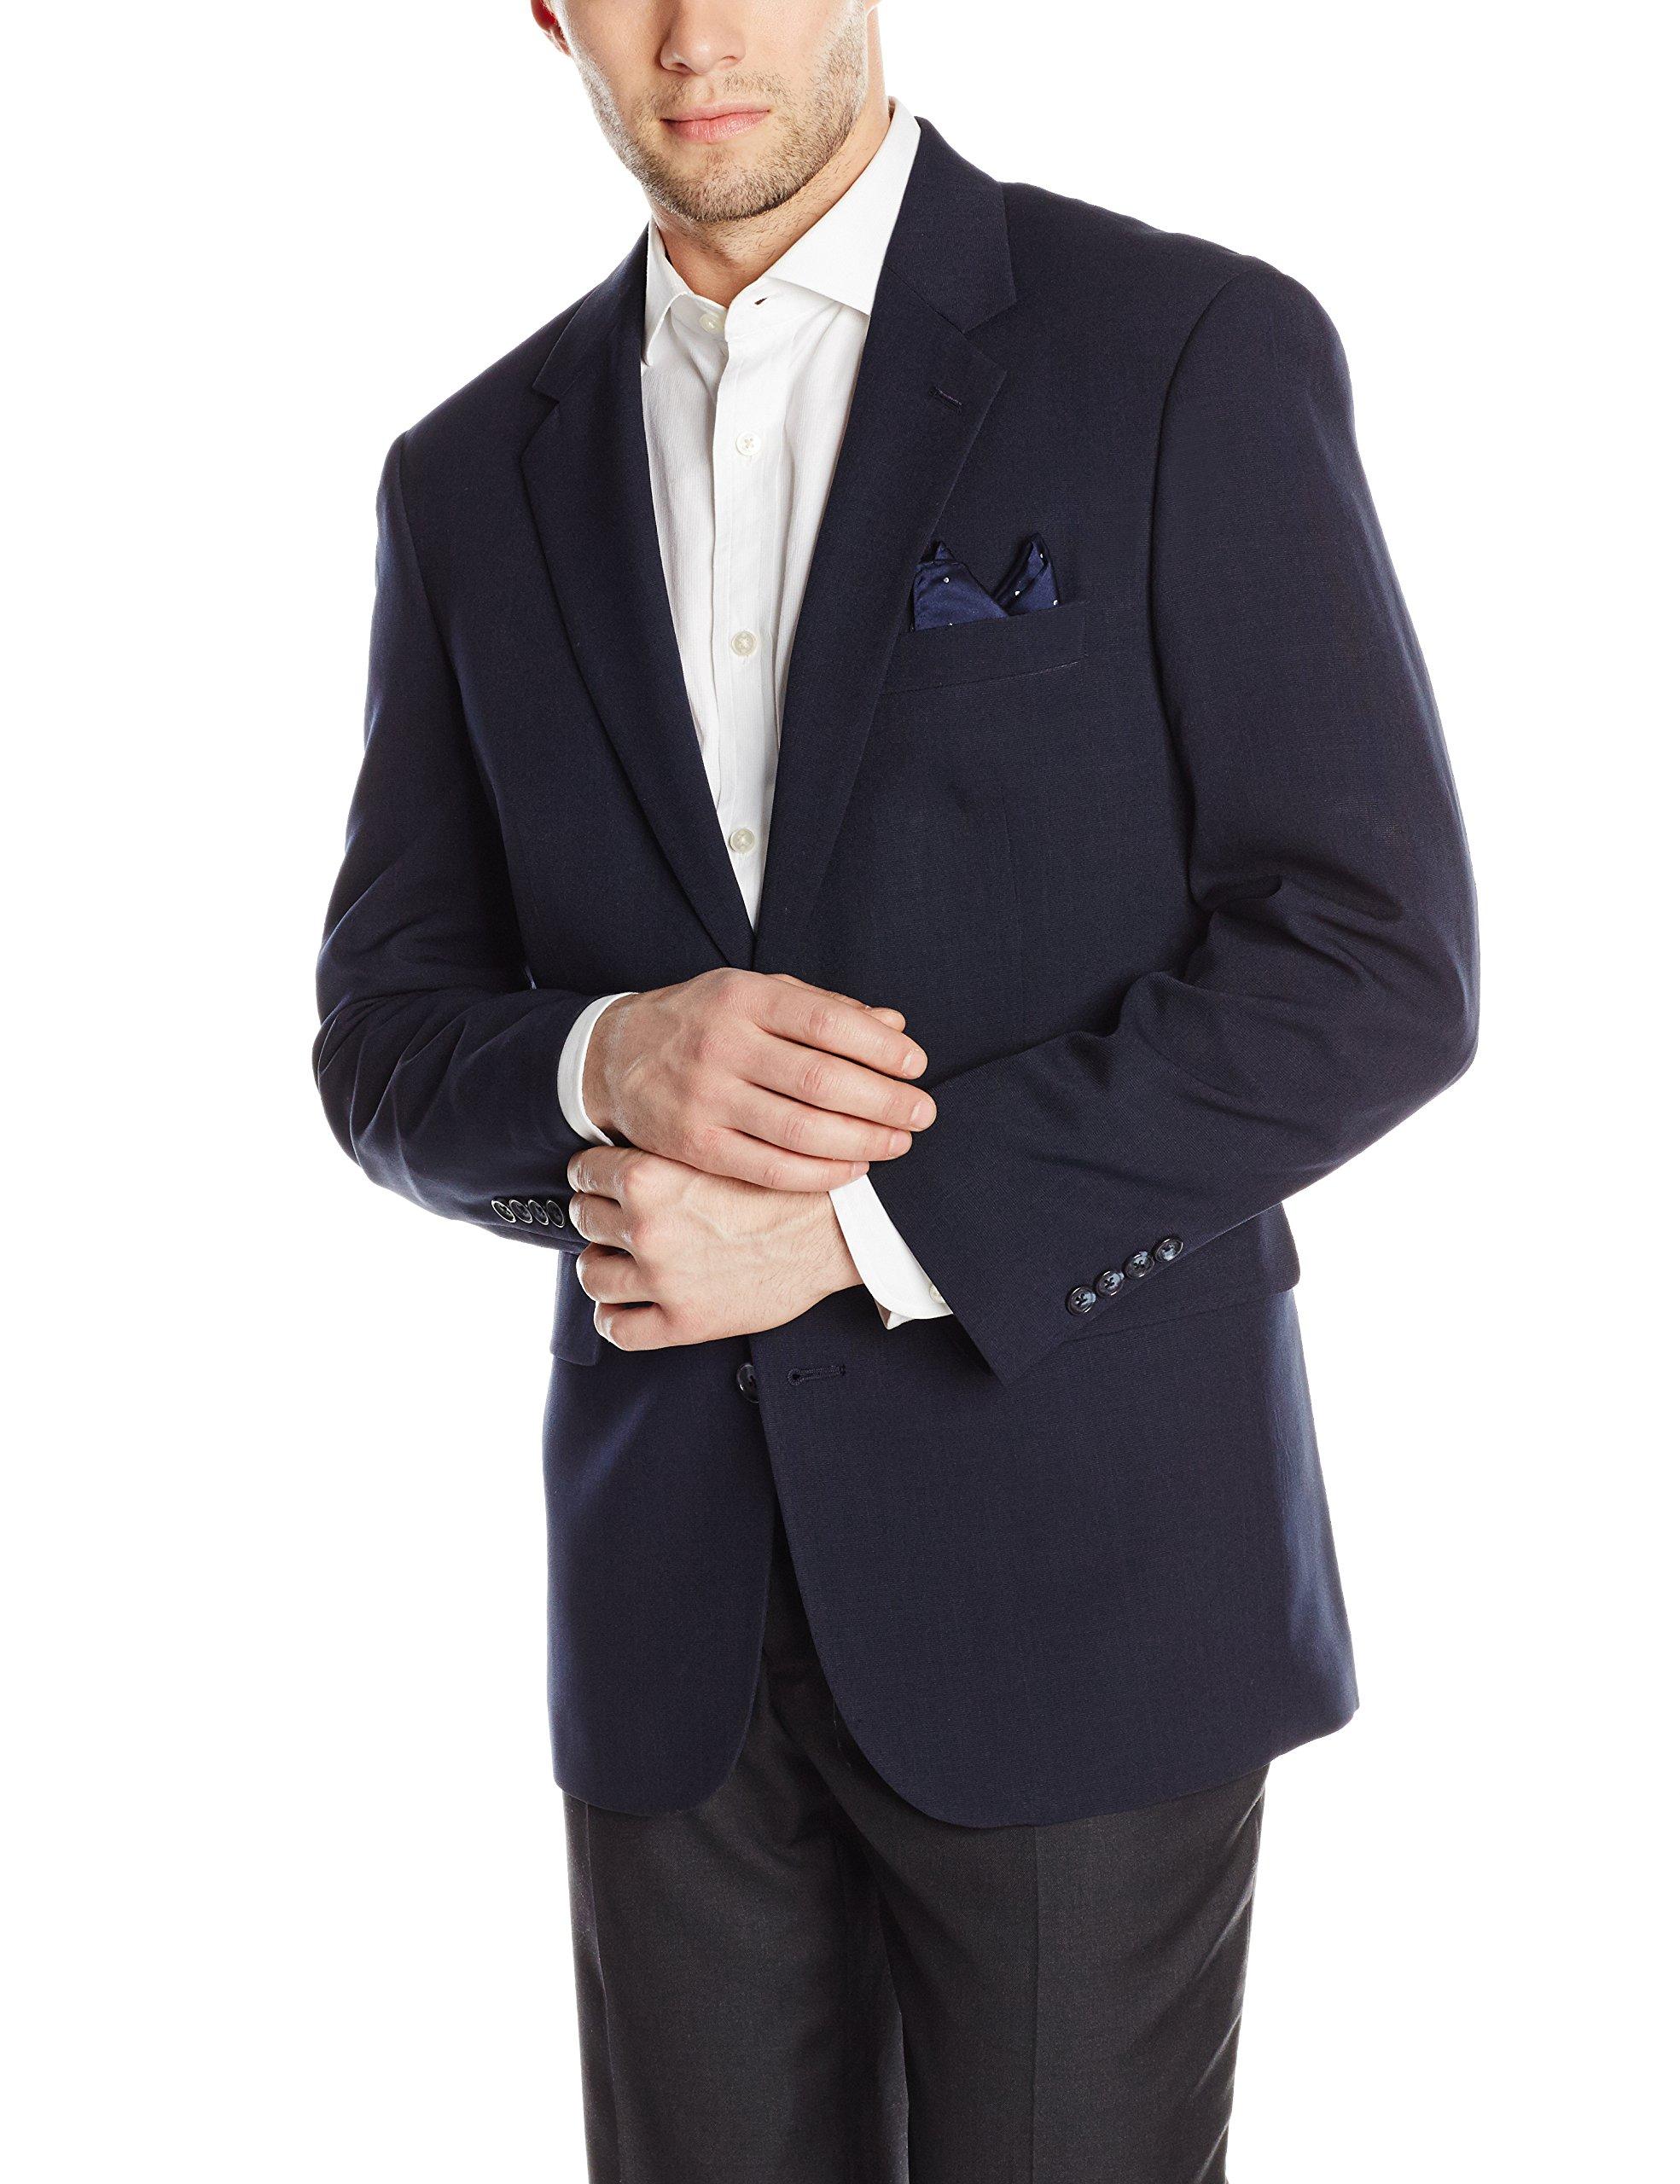 Louis Raphael Men's Tailored Classic Fit 2 Button Center Vent Jacket, Navy, 36 Short by Louis Raphael (Image #1)